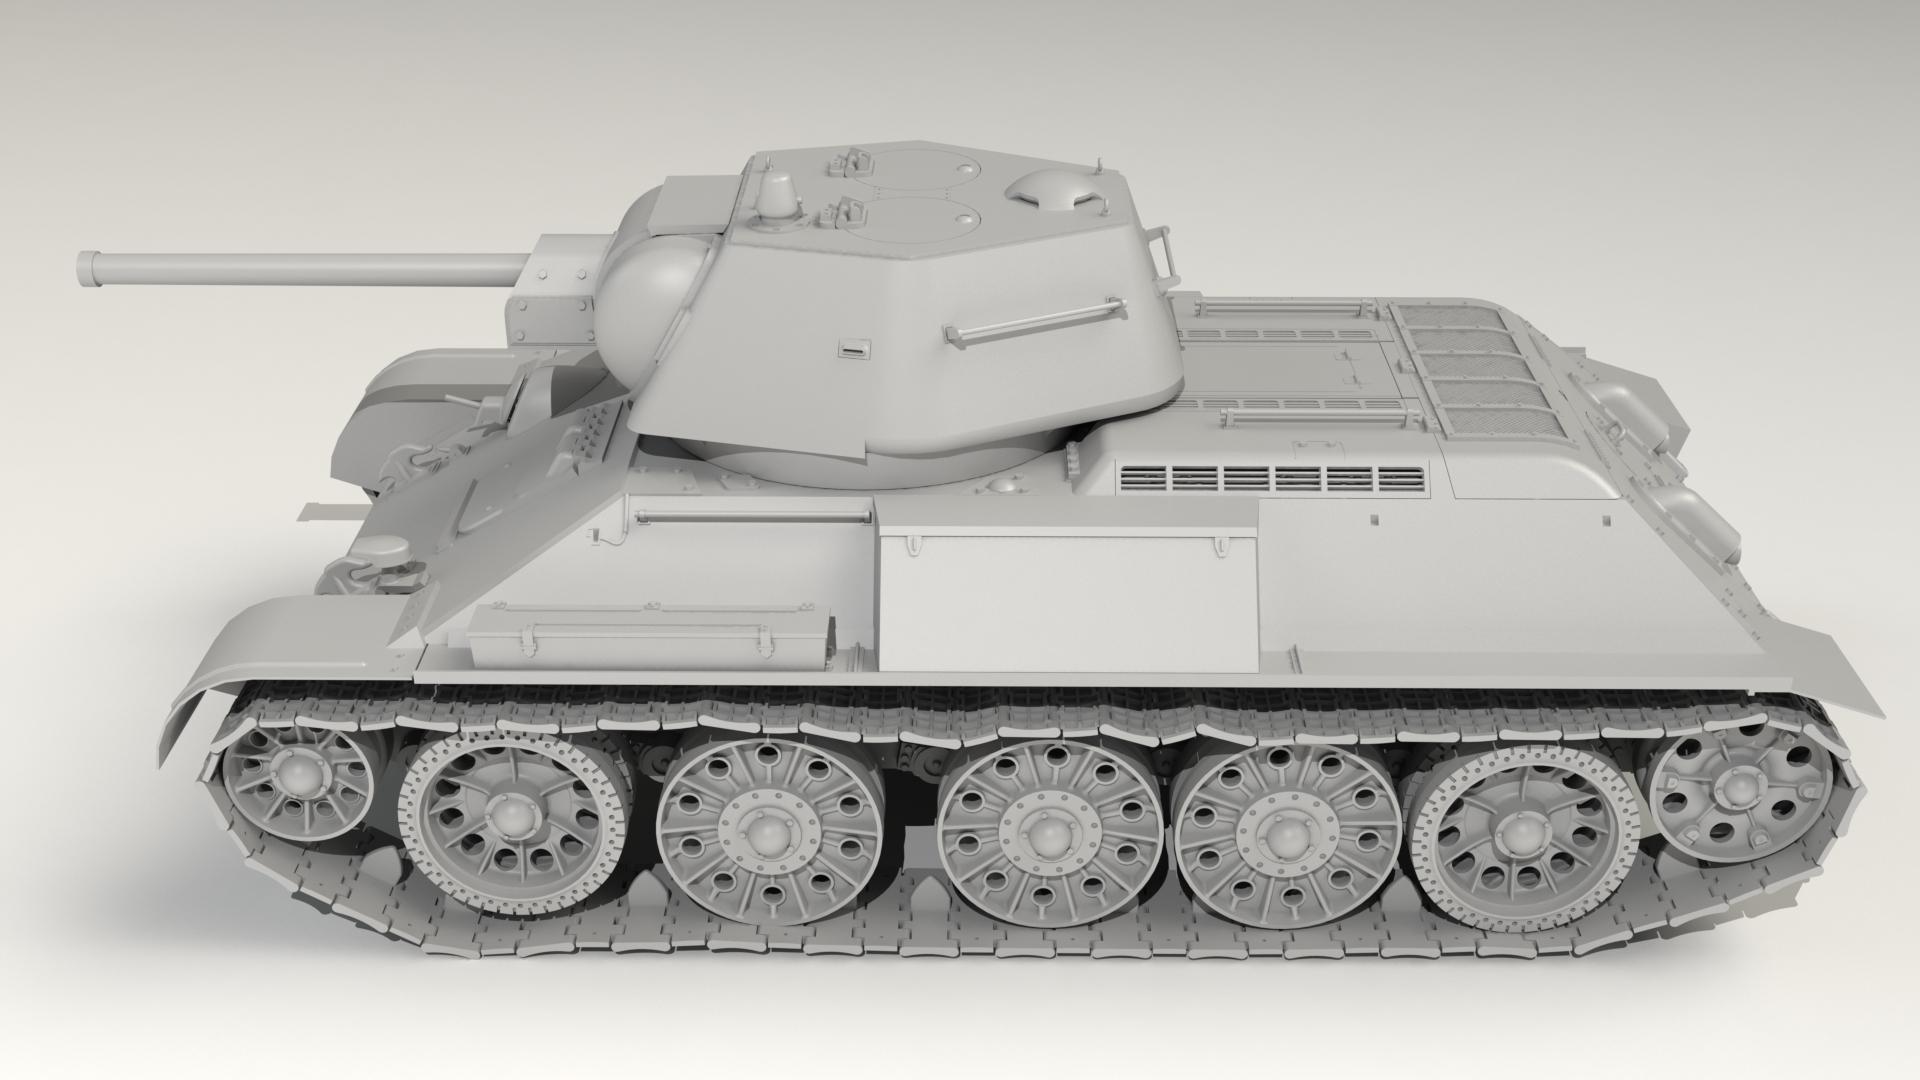 Pz.Kpfw. 747 T-34 (r), WWII German Medium Tank